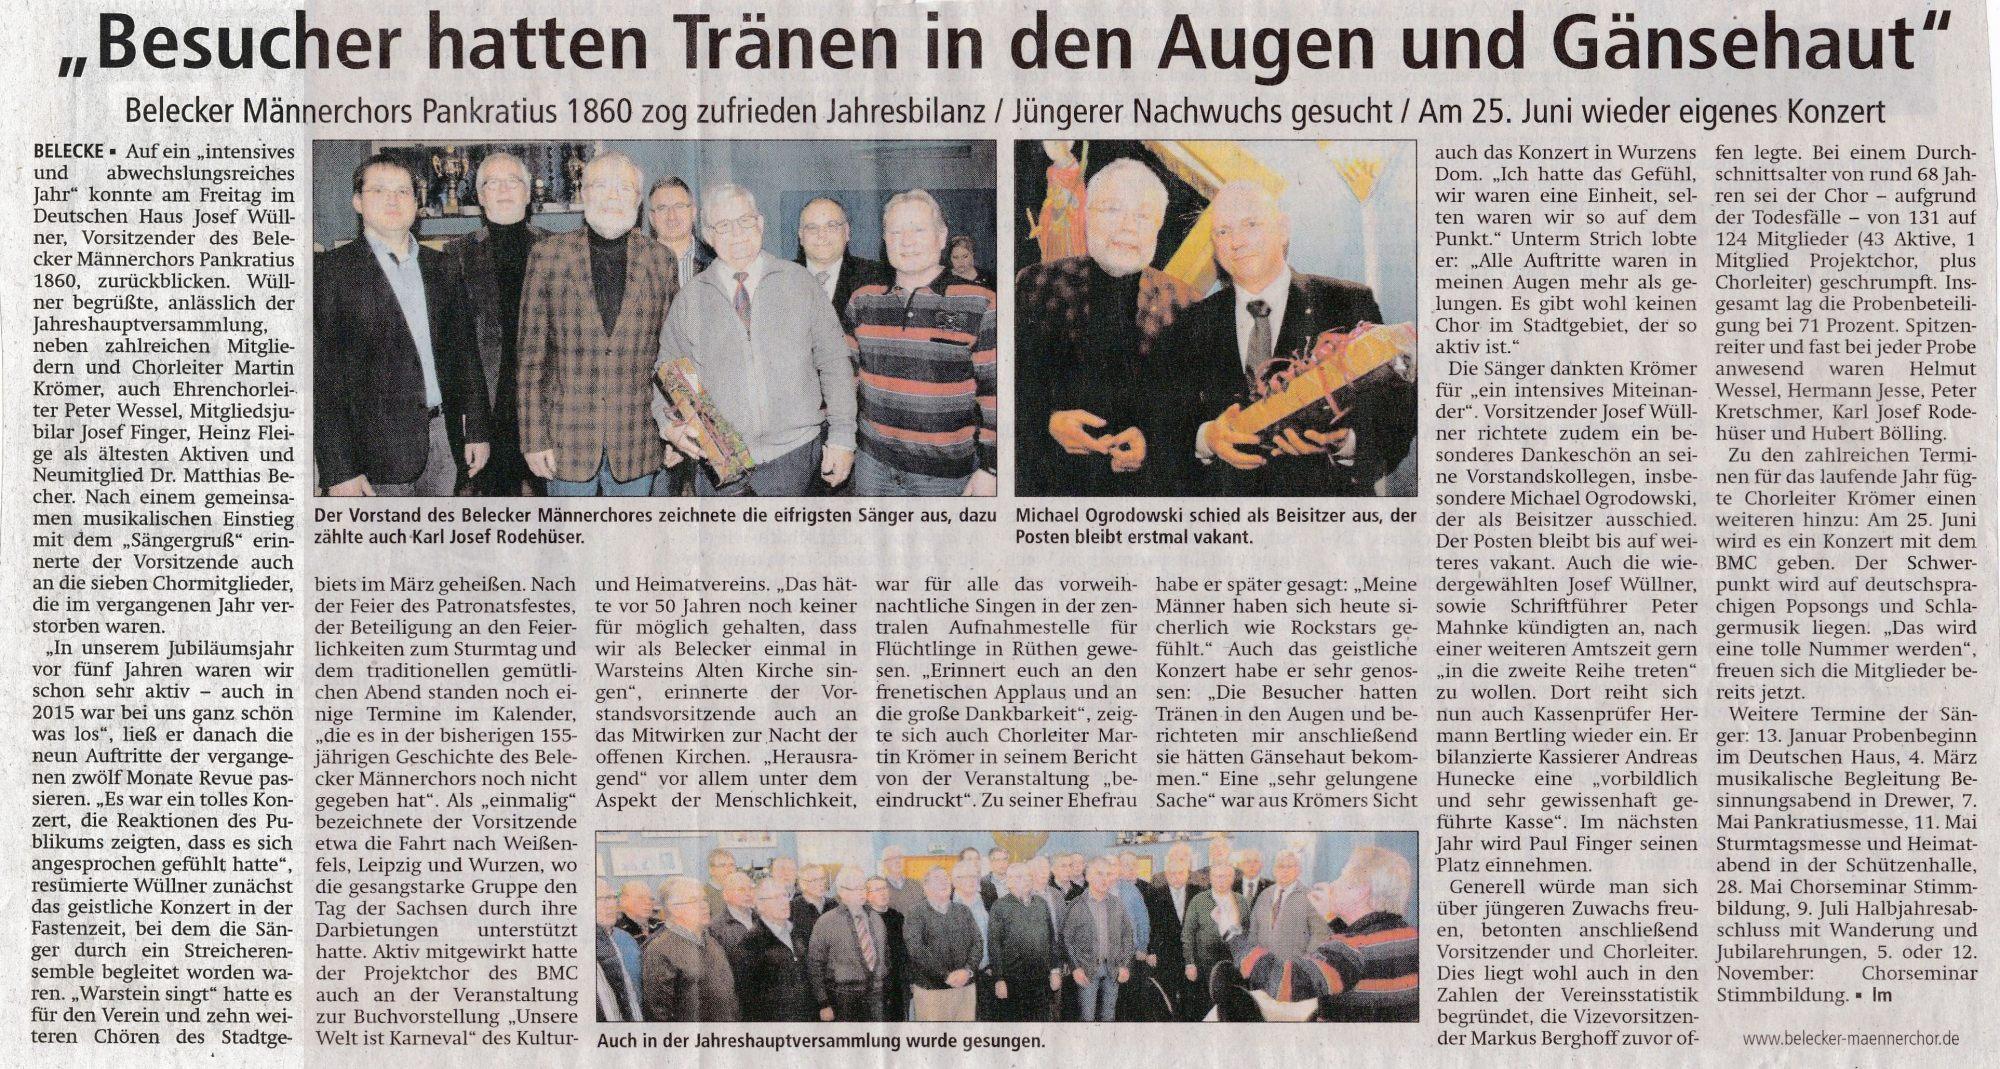 Berichterstattung: Soester Anzeiger - Gabriele Schmitz